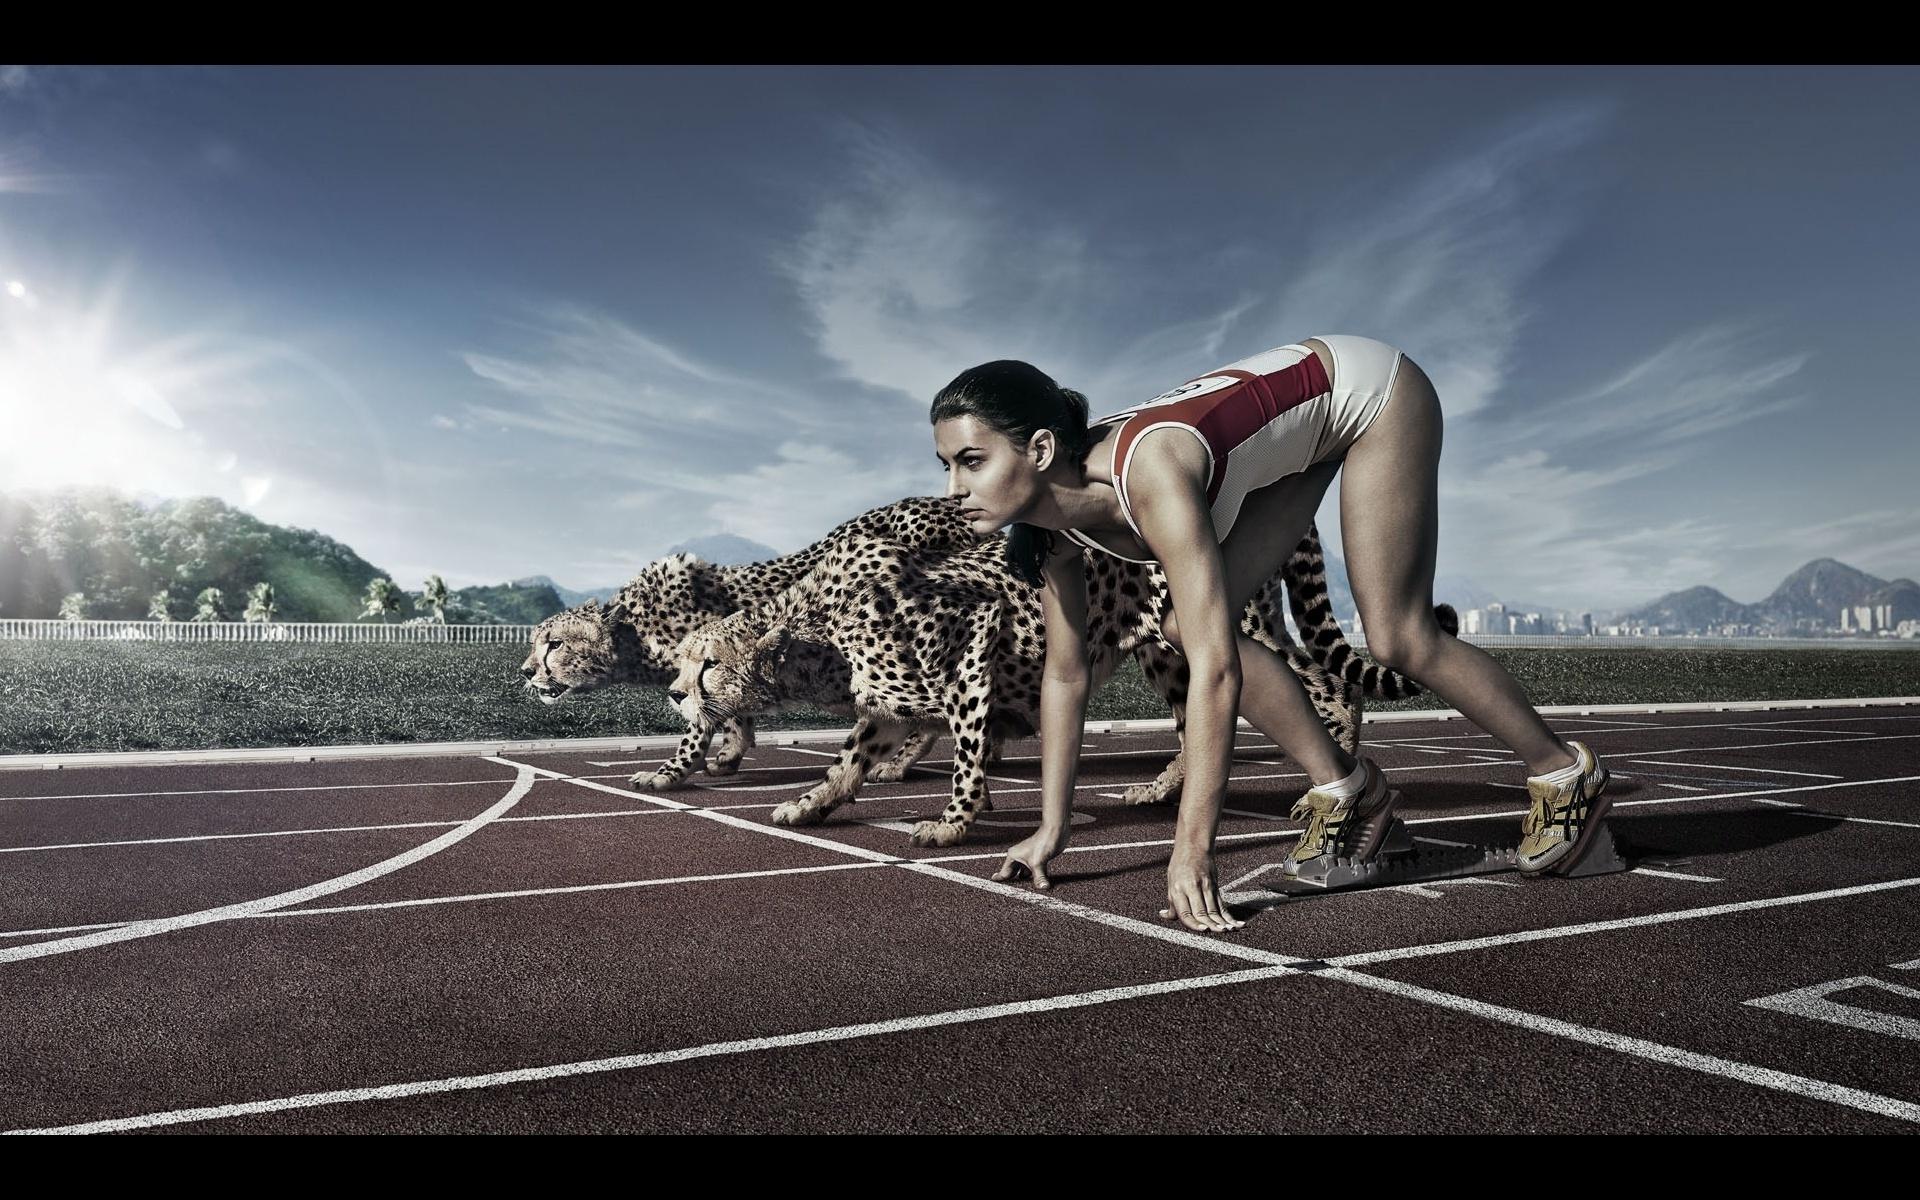 marathon_runner_girl_with_cheetah_on_race_start_line-wide.jpg